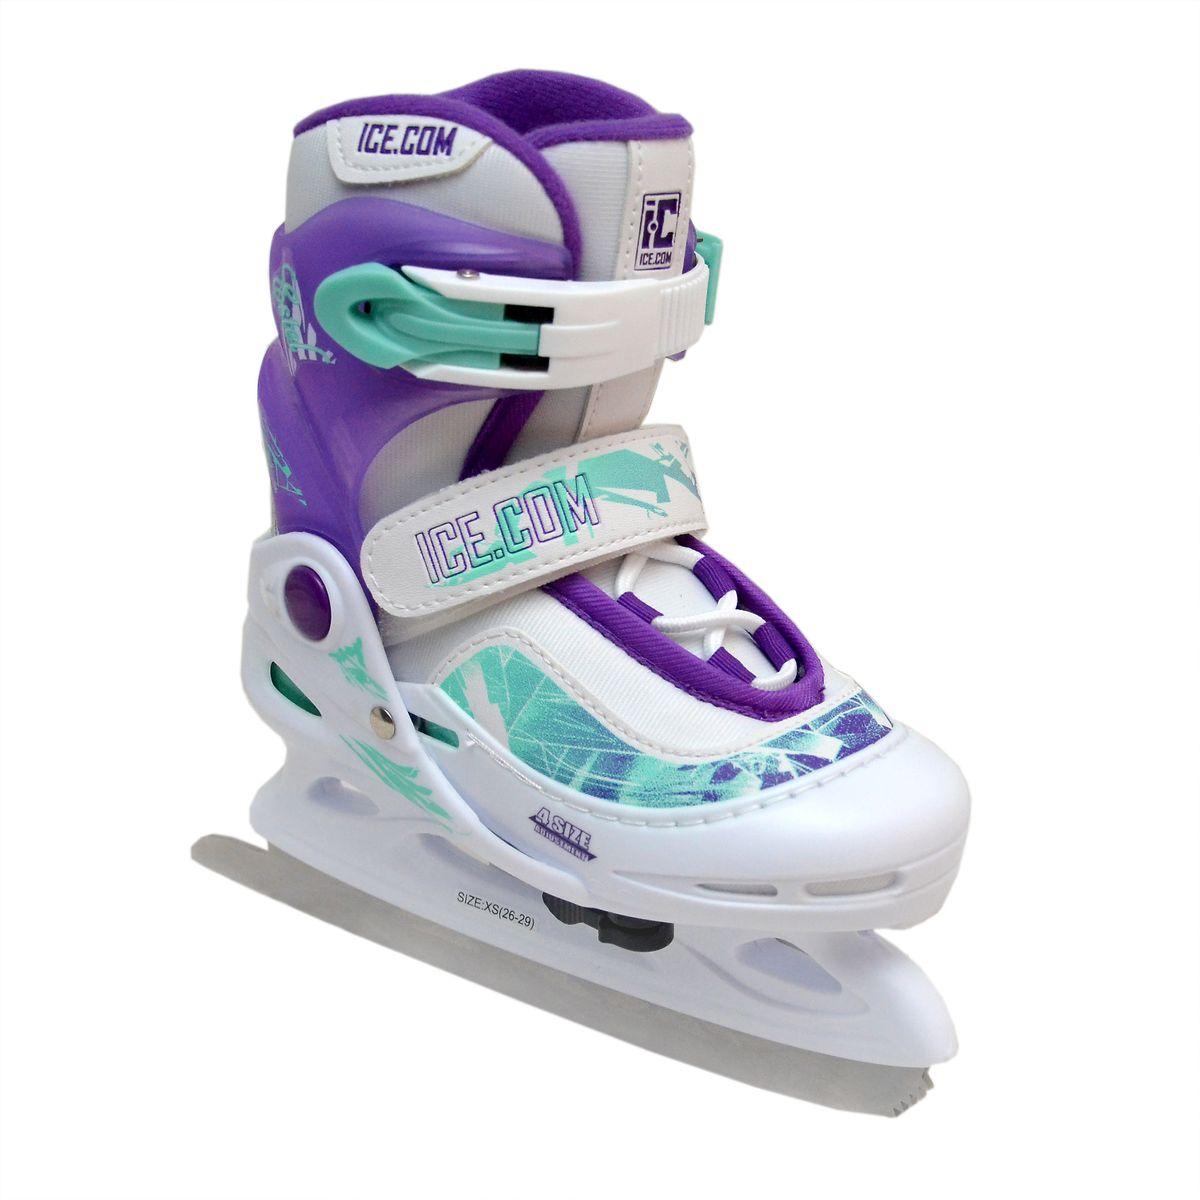 Коньки ледовые для девочки Ice. Com Estel, раздвижные, цвет: белый, фиолетовый, бирюзовый. Размер 30/33EstelЯркие ледовые коньки для девочки Estel от Ice. Com отлично подойдут для начинающих обучаться катанию. Ботинок Comfortable Fit очень хорошо держит ногу и при этом, позволит чувствовать удобство во время катания. Он изготовлен из морозостойкого пластика, который защитит ногу от ударов, и прочного нейлона со вставками из ПВХ. Поролоновый утеплитель не позволит ногам замерзнуть. Четкую фиксацию голени обеспечивают шнуровка Quick Lace, застежка на липучке Velcro и застежка с фиксатором Power Strap. Стальное фигурное лезвие обеспечит превосходное скольжение.Особенностью коньков является раздвижная конструкция, которая позволяет увеличивать длину ботинка на 4 размера по мере роста ноги ребенка. Размер регулируется при помощи рычажка.Оформлена модель оригинальными узорами и тиснениями в виде логотипа бренда на пятке, язычке и застежке.Для того, чтобы Вам максимально точно подобрать размер коньков, узнайте длину стопы с точностью до миллиметра. Для этого поставьте босую ногу на лист бумаги А4 и отметьте на бумаге самые крайние точки Вашей стопы (пятка и носок). Затем измерьте обычной линейкой расстояние (до миллиметра) между этими отметками на бумаге. Не забудьте учесть 2-3 мм запаса под носок.